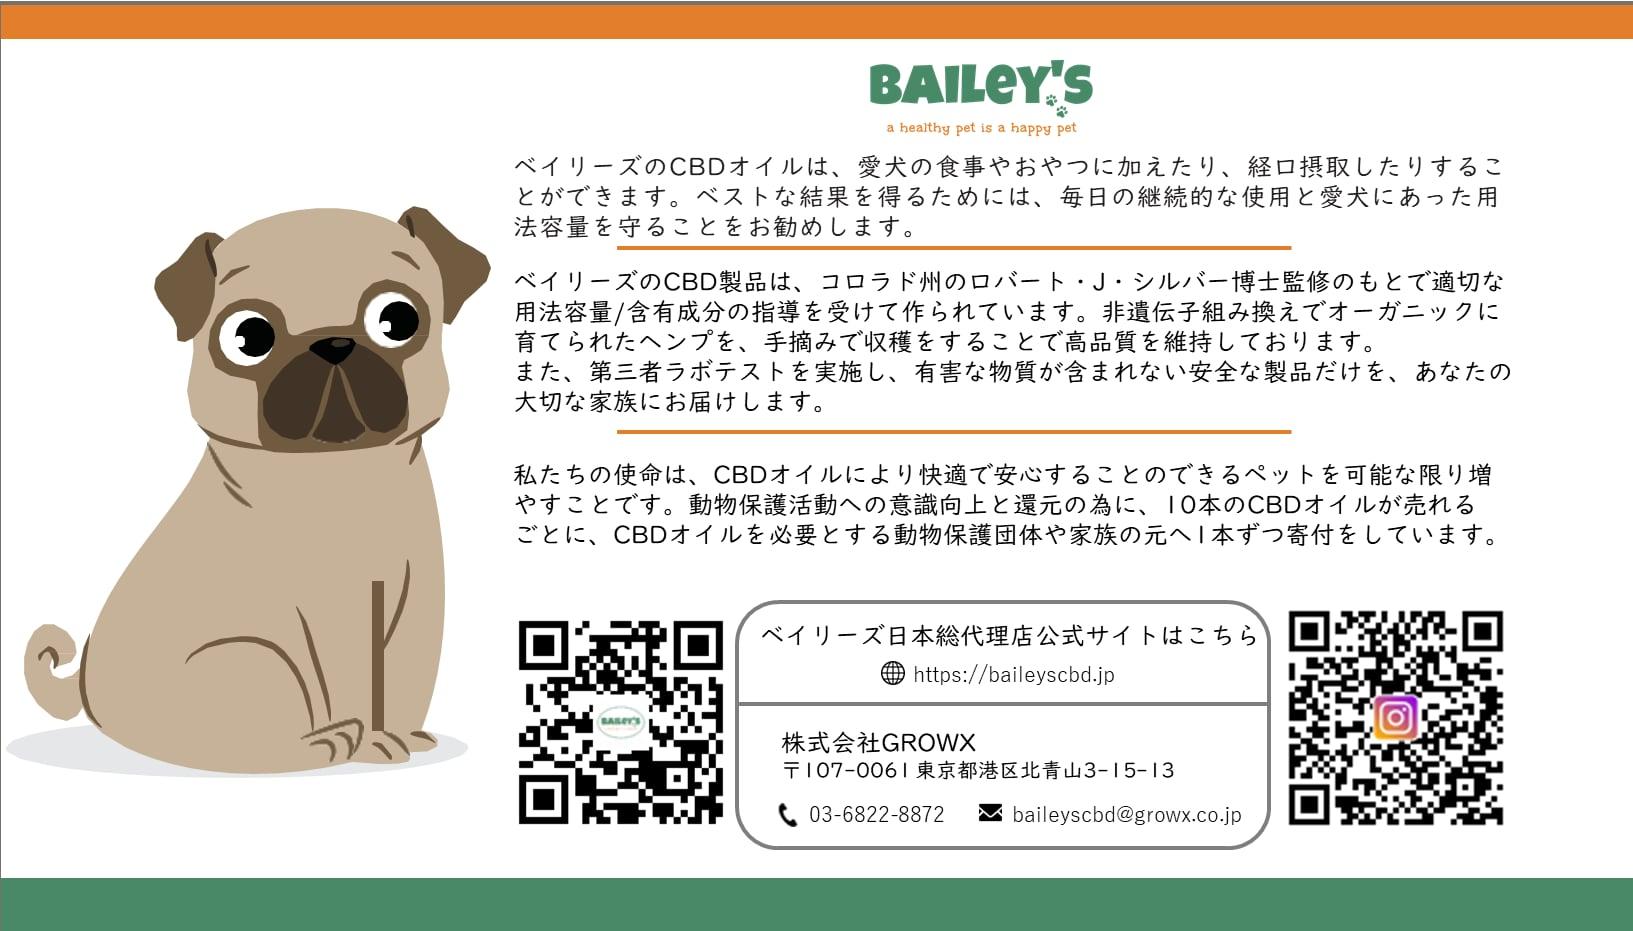 【BAILeY's】ごはんniサプリ わんこおいる(CBD150mg/15ml) - 無味無臭 -